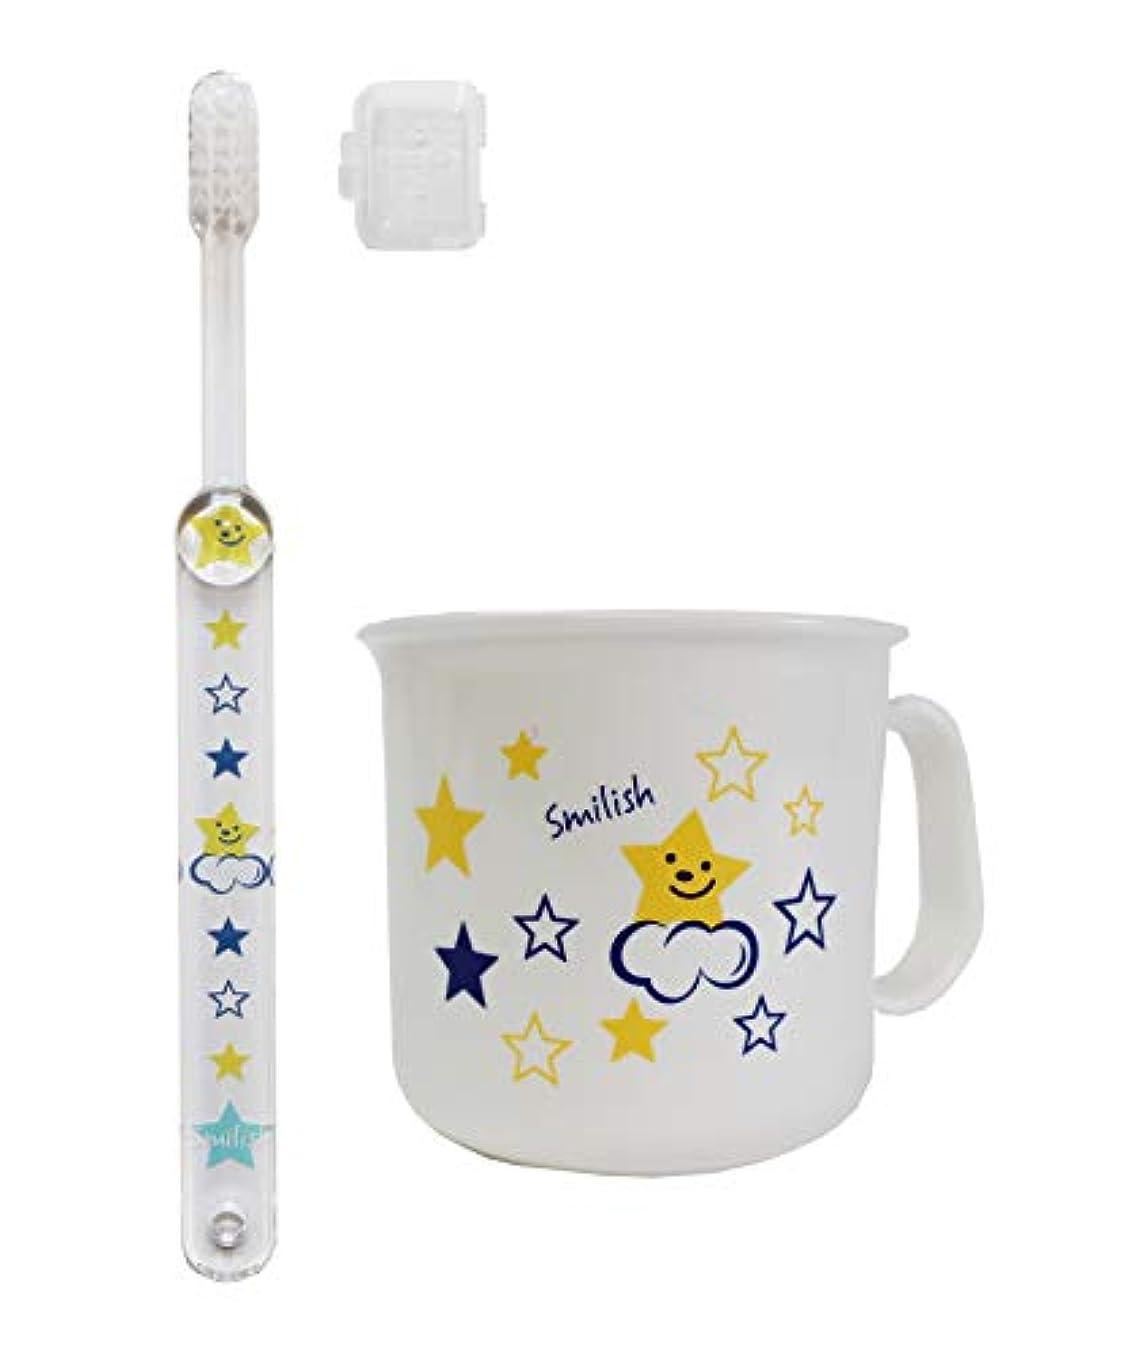 失効粉砕する彼女子ども歯ブラシ(キャップ付き) 耐熱コップセット スマイリースター柄